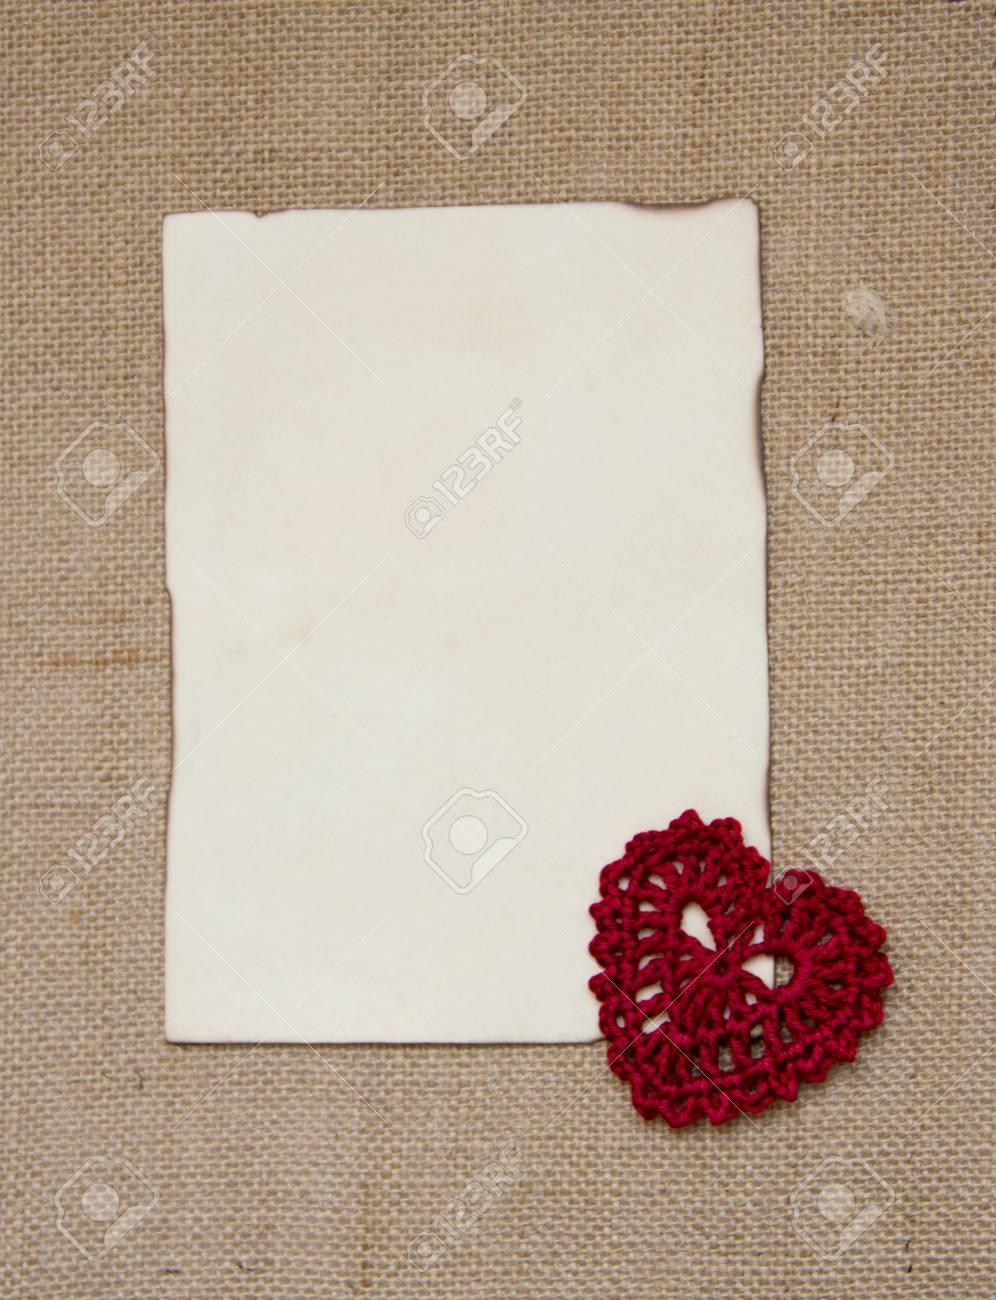 Nett Rotes Herz Häkeln Afghan Muster Bilder - Nähmuster-Ideen ...